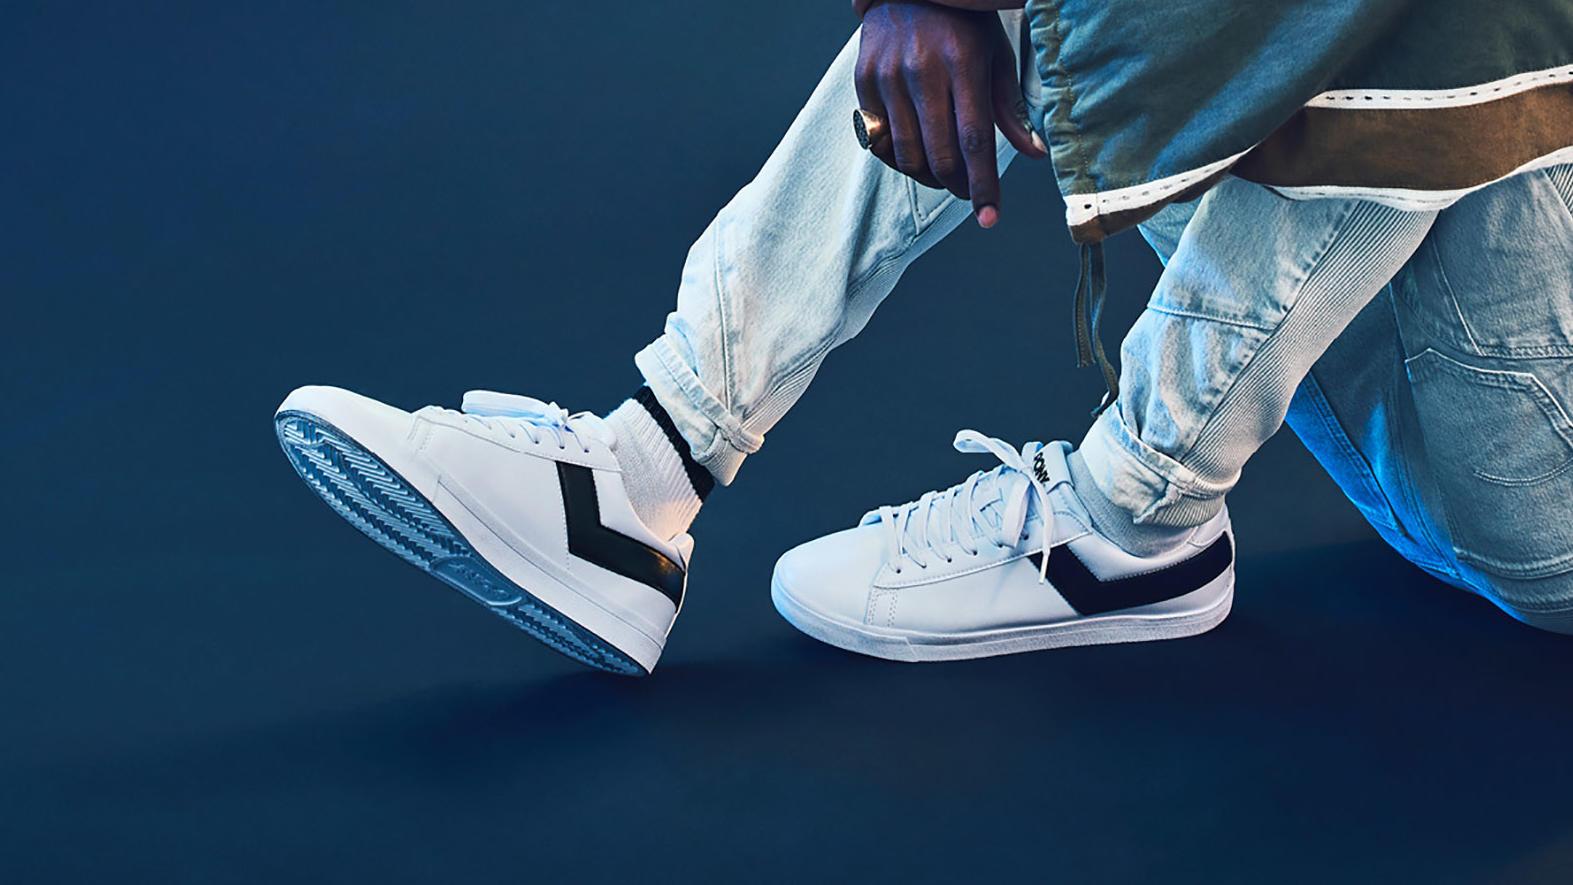 Von schlicht weiß bis kunterbunt - dieses Jahr ist bei Sneakern alles erlaubt.